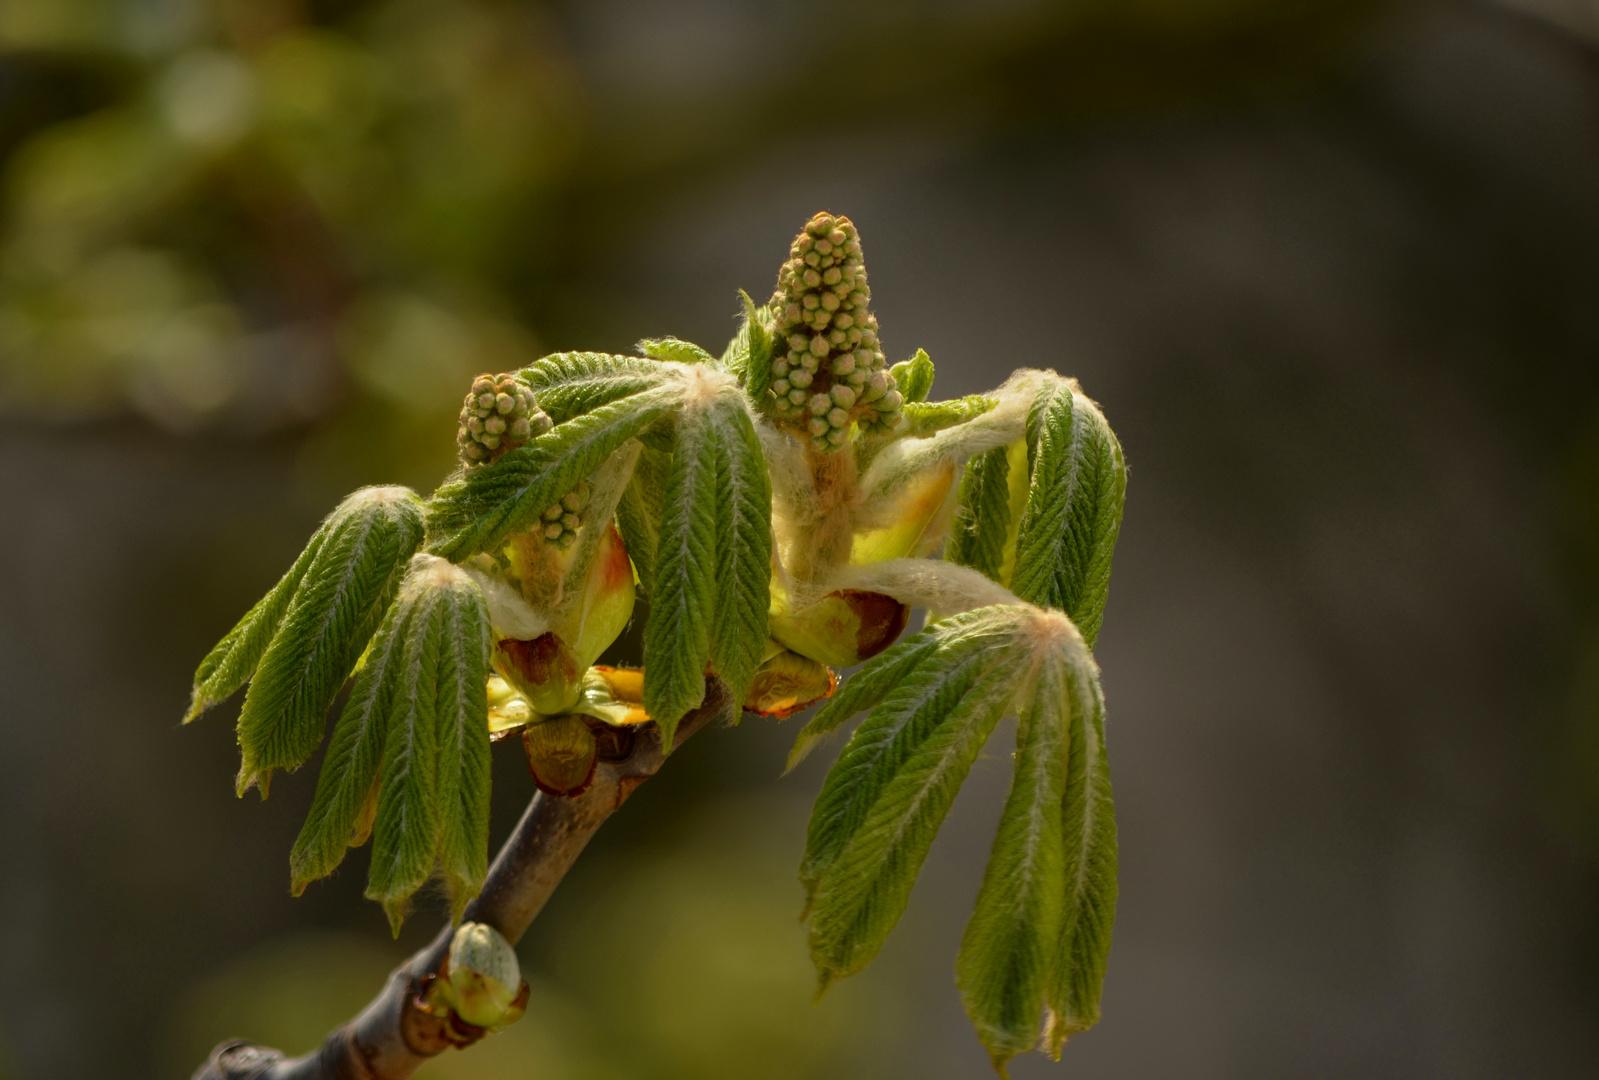 Hasch mich,ich bin der Frühling....